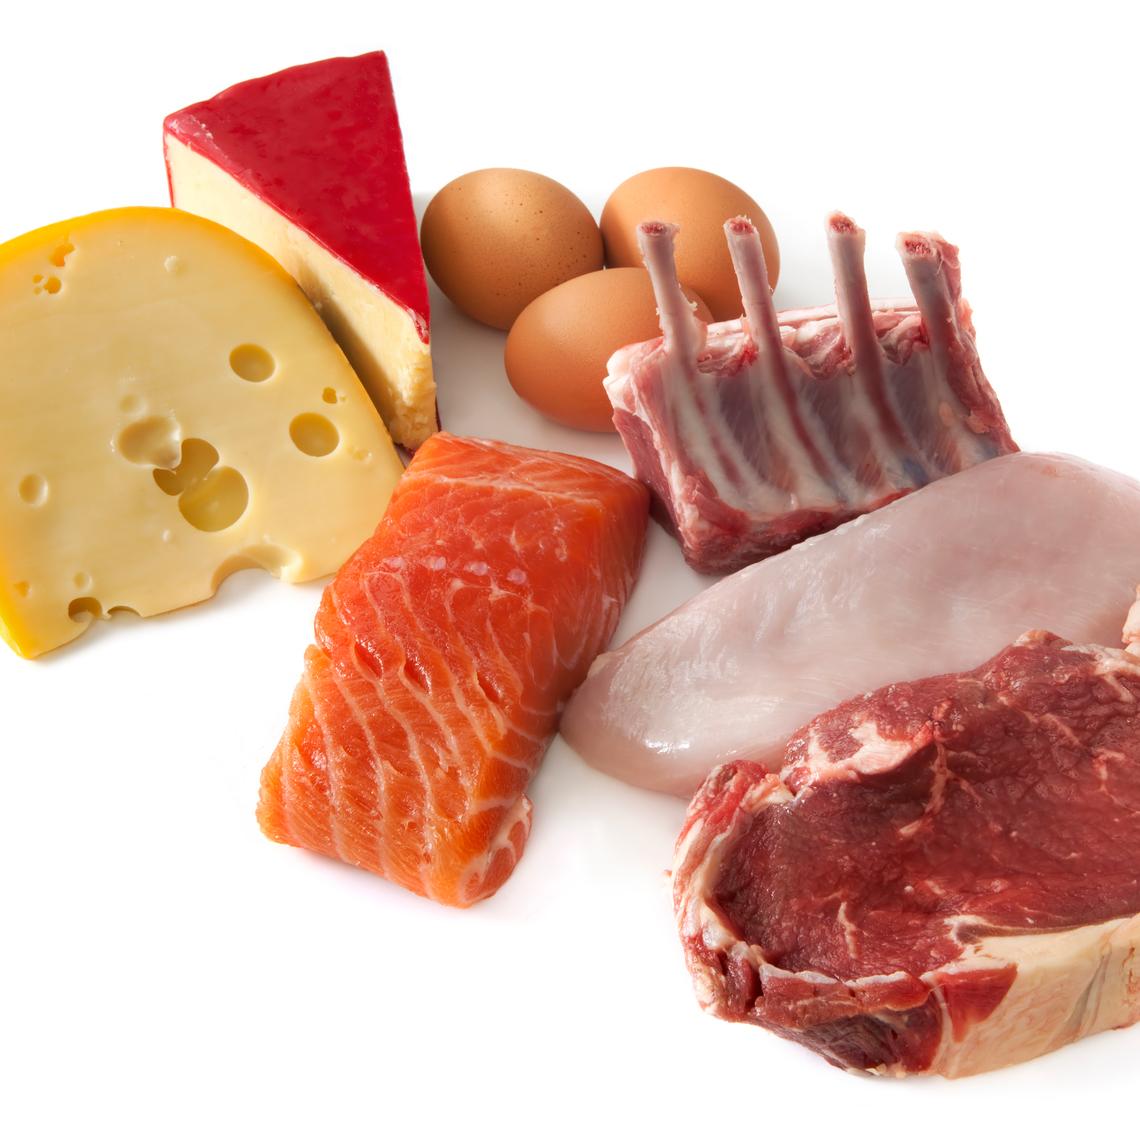 comidas de diabetes tipo 2 para comer